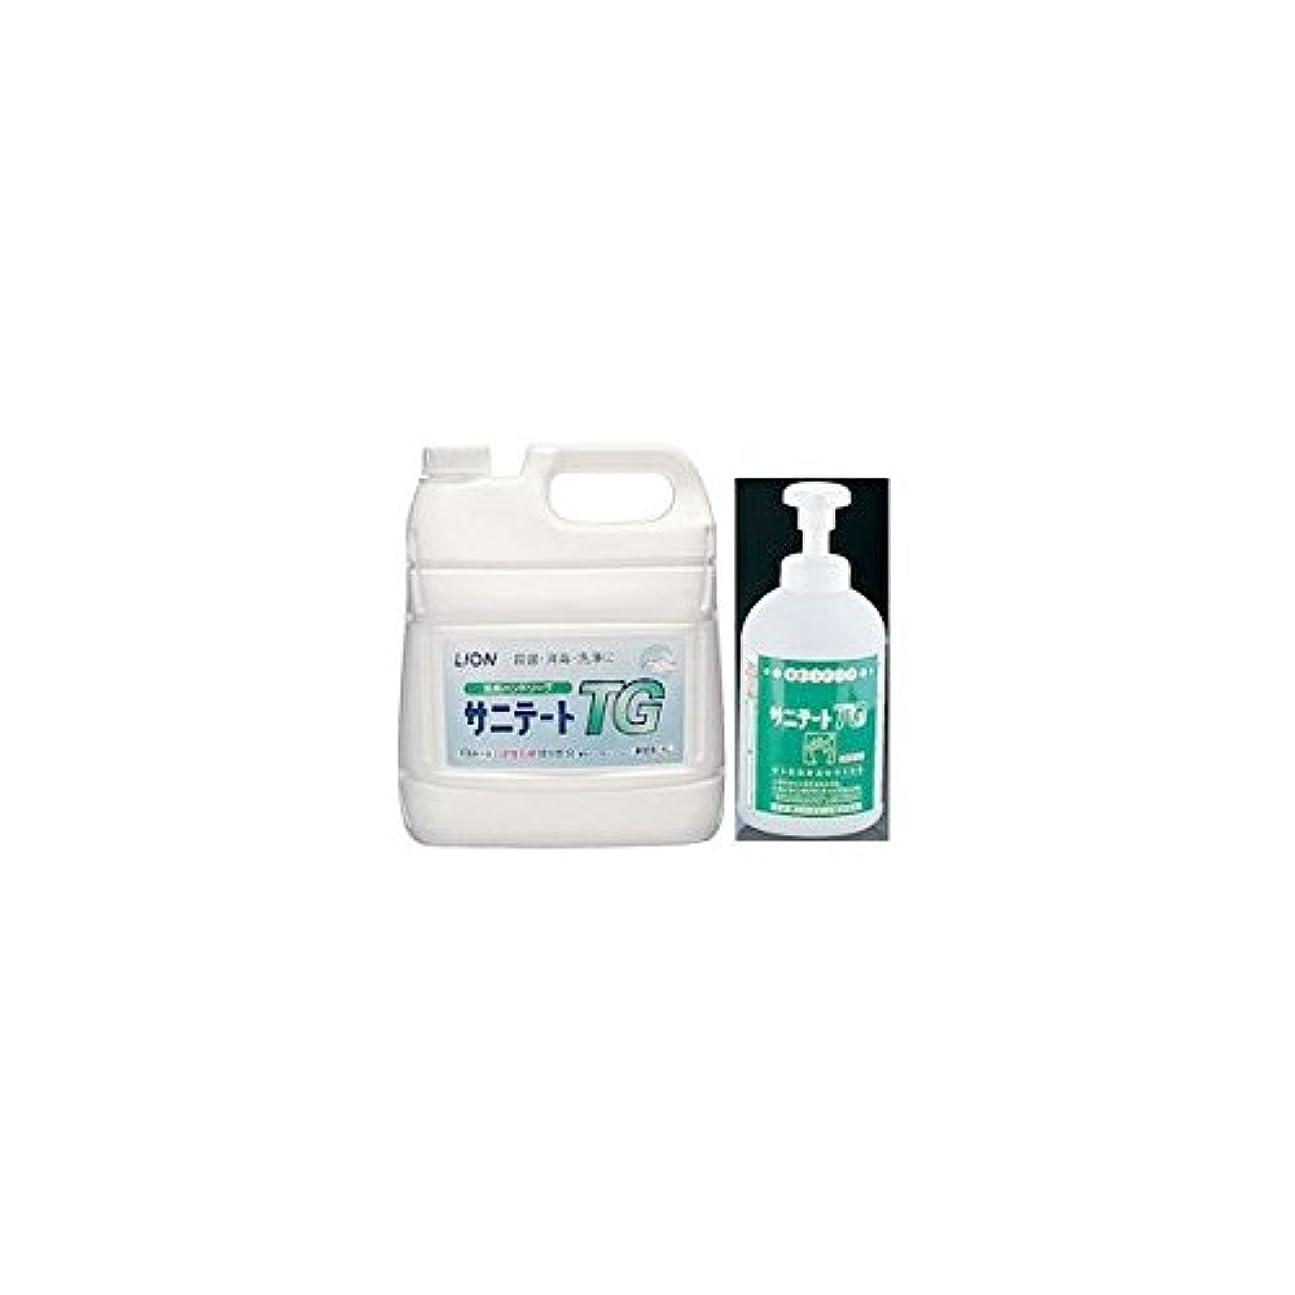 エイリアス大陸悪質なライオン薬用ハンドソープ サニテートTG 4L 700ML泡ポンプ付 【品番】JHV3001